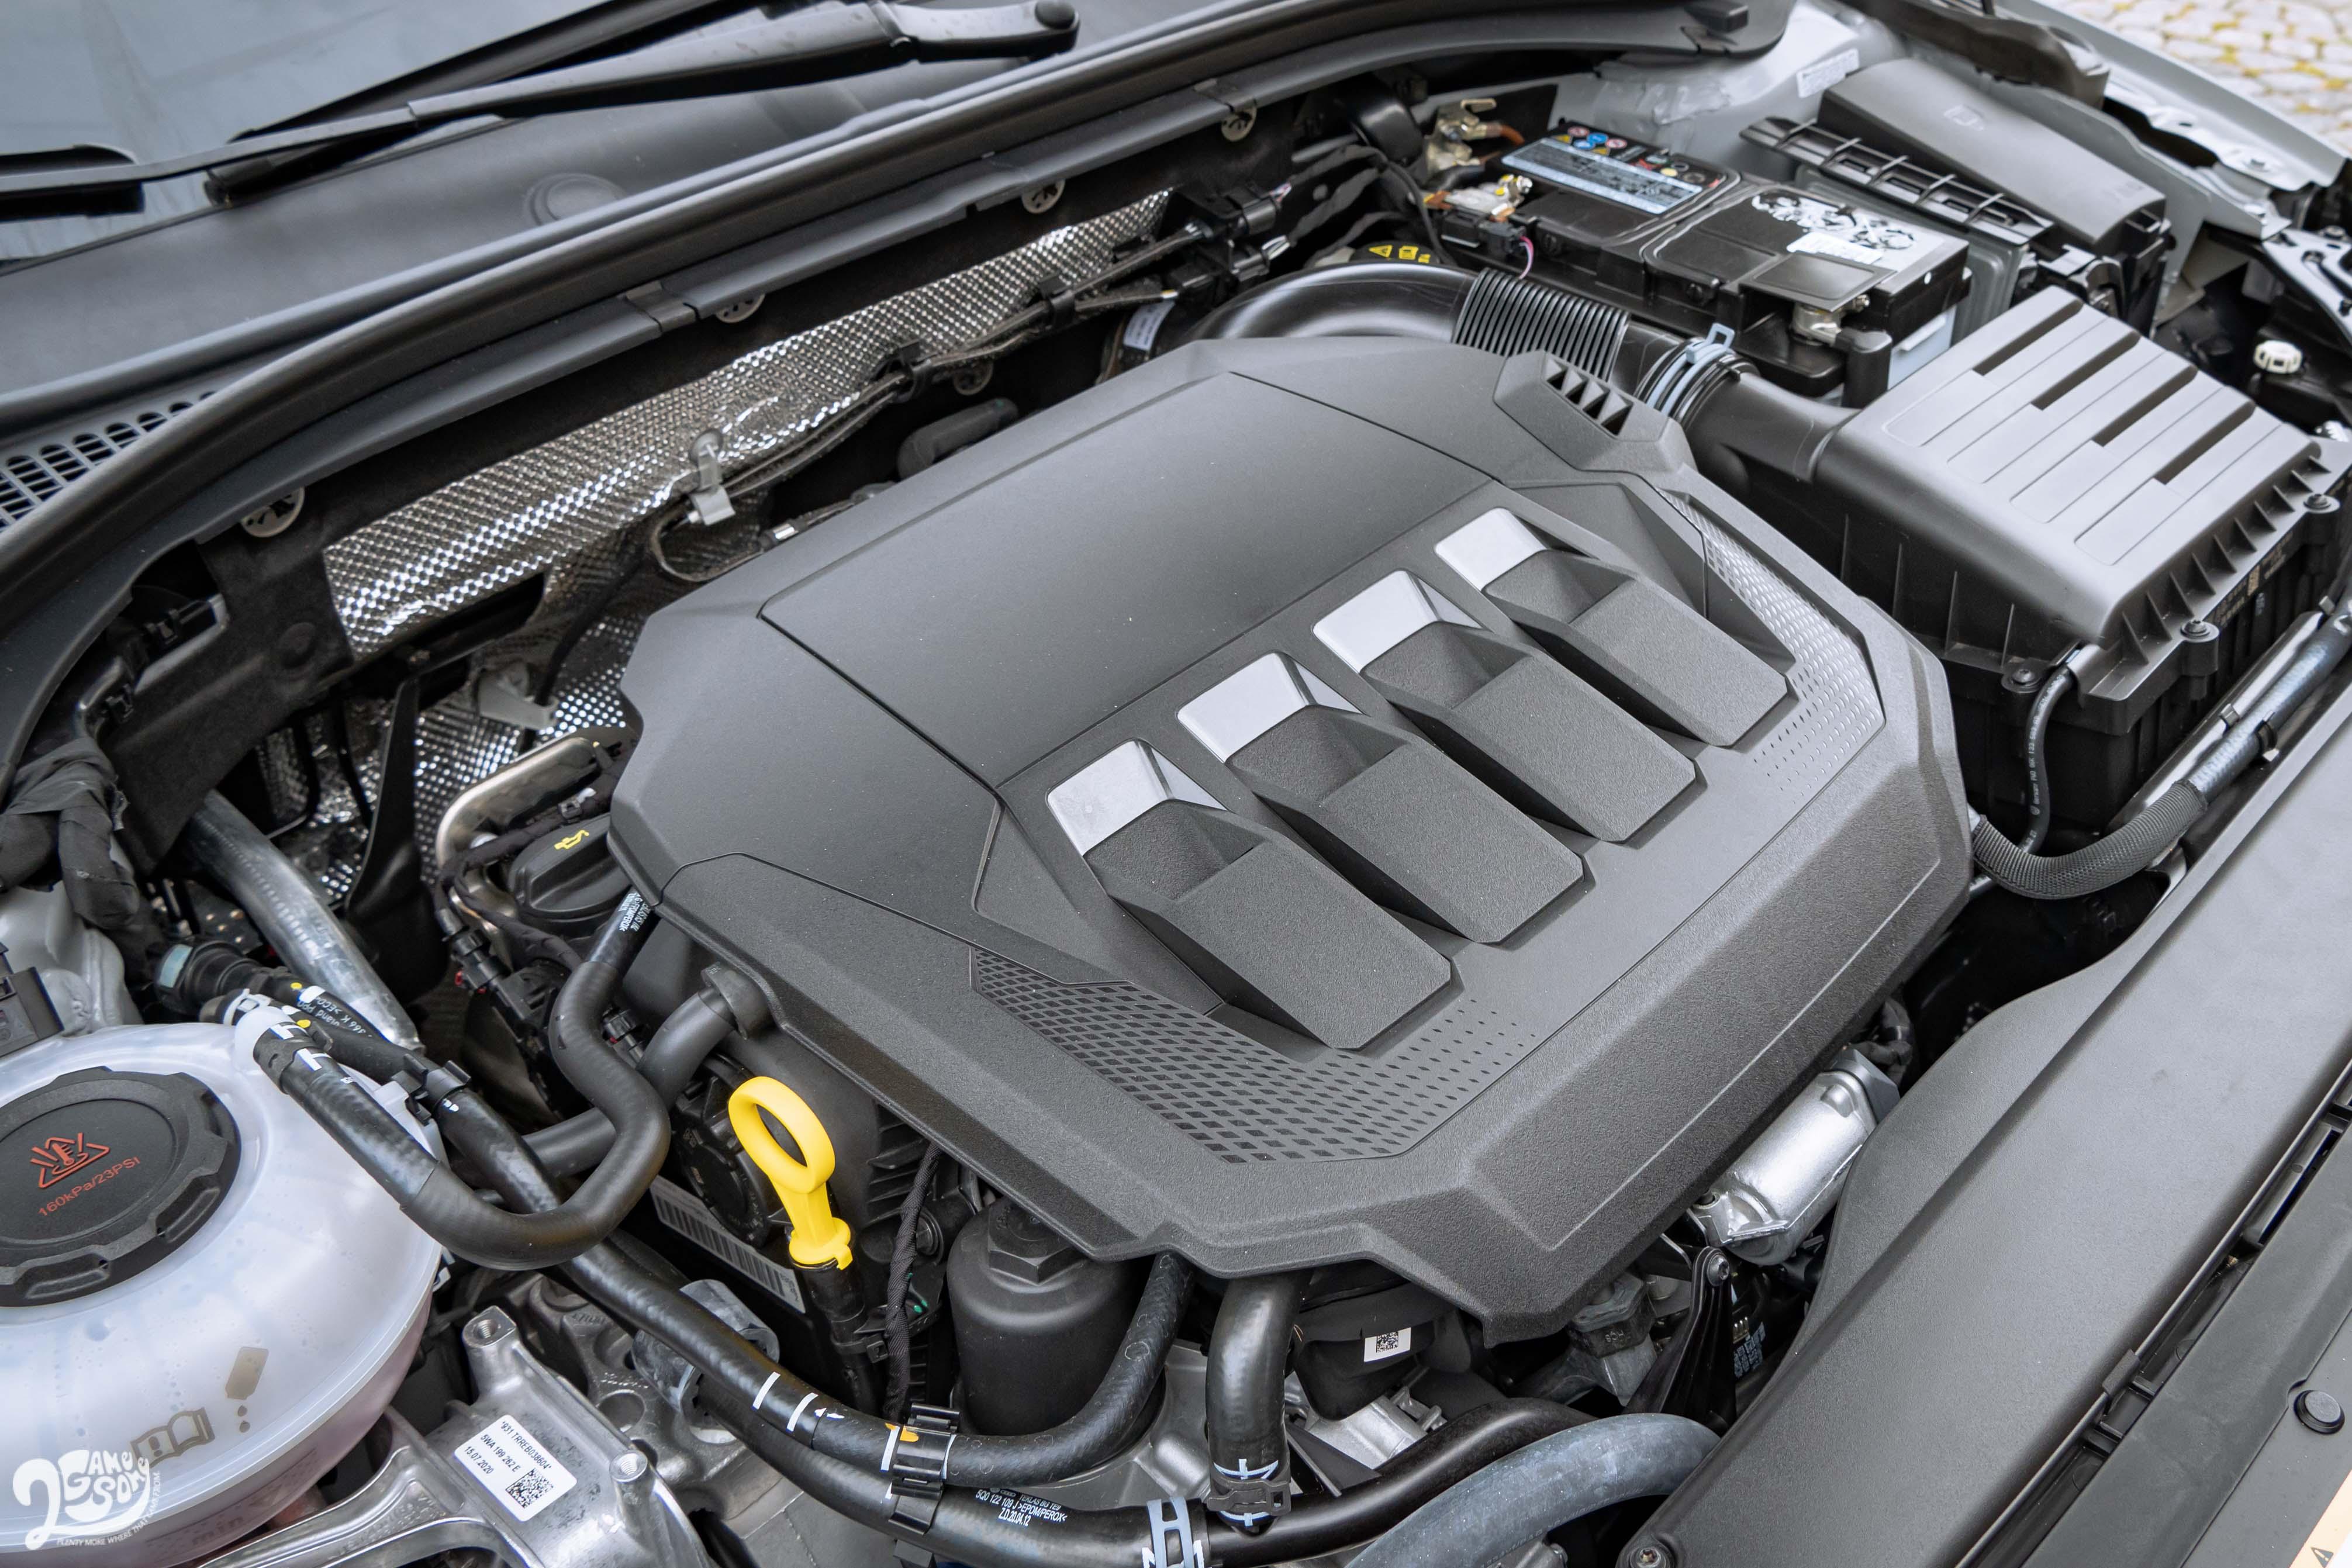 直列四缸渦輪增壓引擎輸出 272 匹馬力、35.7 公斤米,可於 5.7 秒破百。